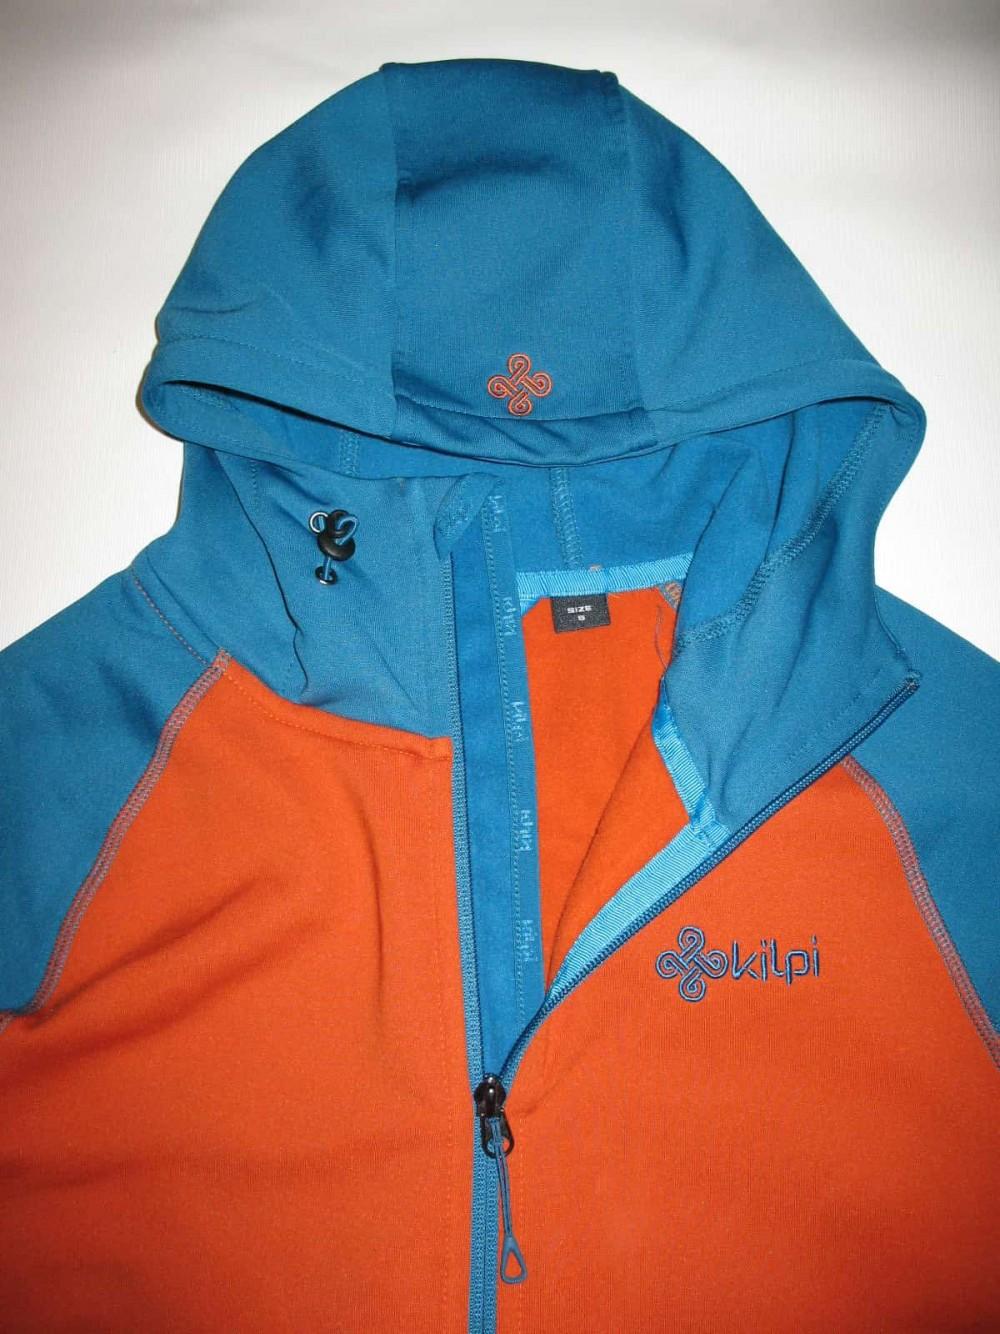 Кофта KILPI yoho-m fleece hoodies jacket (размер S) - 6